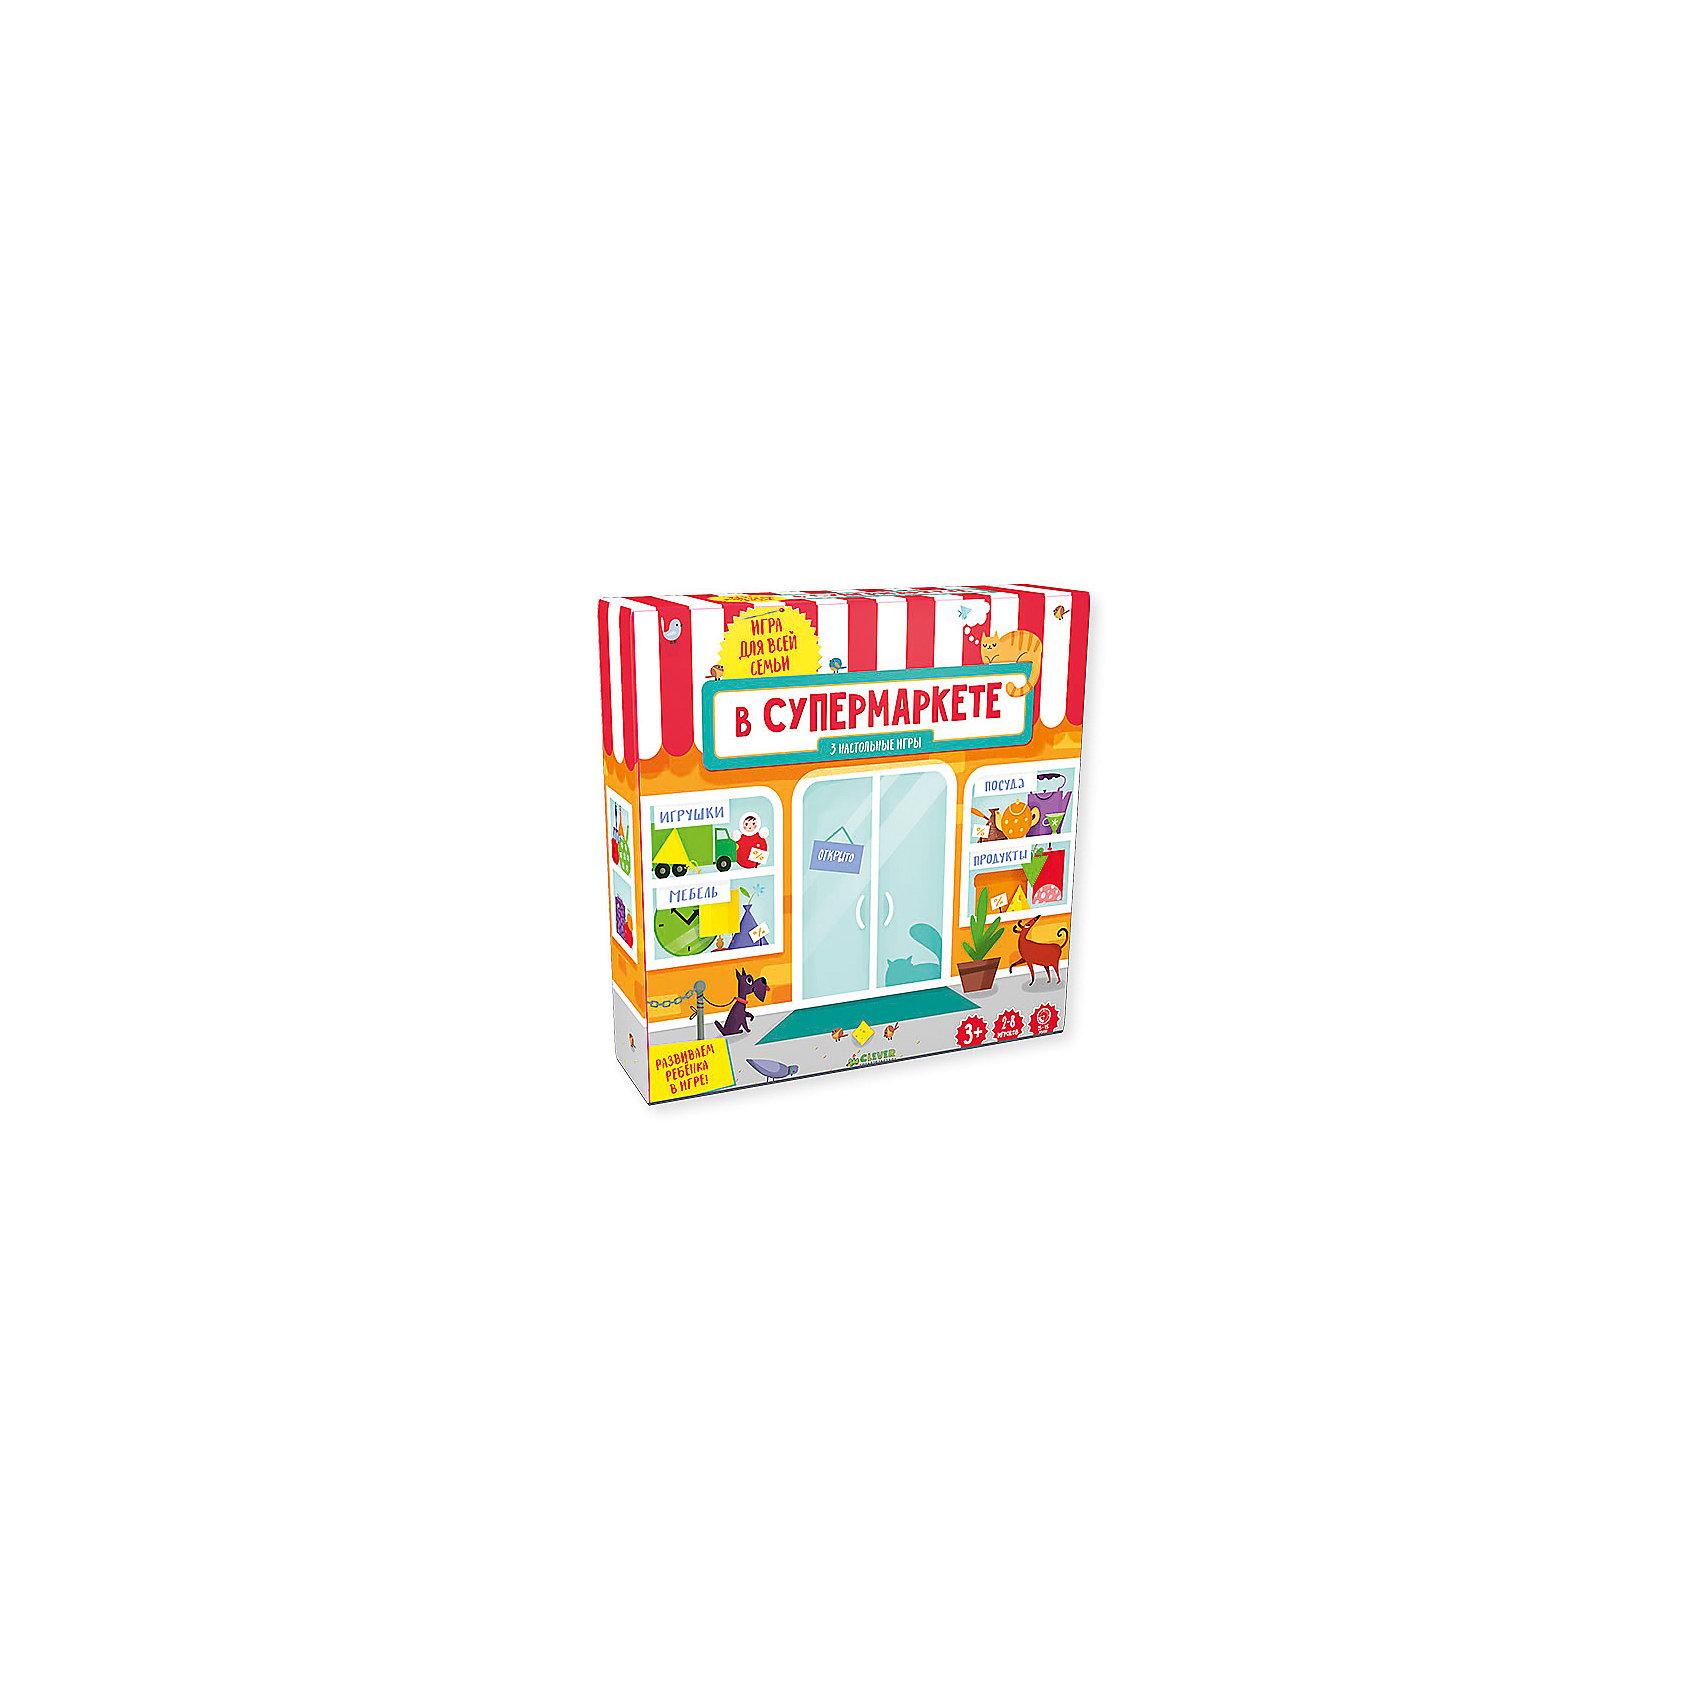 В супермаркете, Время играть!Обучающие карточки<br>В супермаркете, Время играть!<br><br>Характеристики:<br><br>- Автор: Баканова Е.<br>- Масса: 294 г;<br>- Размеры: 220x218x9 мм.<br>- В наборе: коробка,24карточки.<br><br>Каждый поход в супермаркет может стать увлекательным приключением! Вас ждут весёлые викторины, грандиозные акции и распродажи, а также полные тележки самых разных товаров. Скорее начинайте играть! Выбирайте 3 игры разных уровней сложности, а также 24 карточки с заданиями и вопросами, которые вы можете взять с собой на прогулку или в поездку, чтобы занять ребёнка в любом месте.<br><br>В супермаркете, Время играть!, можно купить в нашем интернет – магазине.<br><br>Ширина мм: 200<br>Глубина мм: 200<br>Высота мм: 5<br>Вес г: 950<br>Возраст от месяцев: 84<br>Возраст до месяцев: 132<br>Пол: Унисекс<br>Возраст: Детский<br>SKU: 5377880